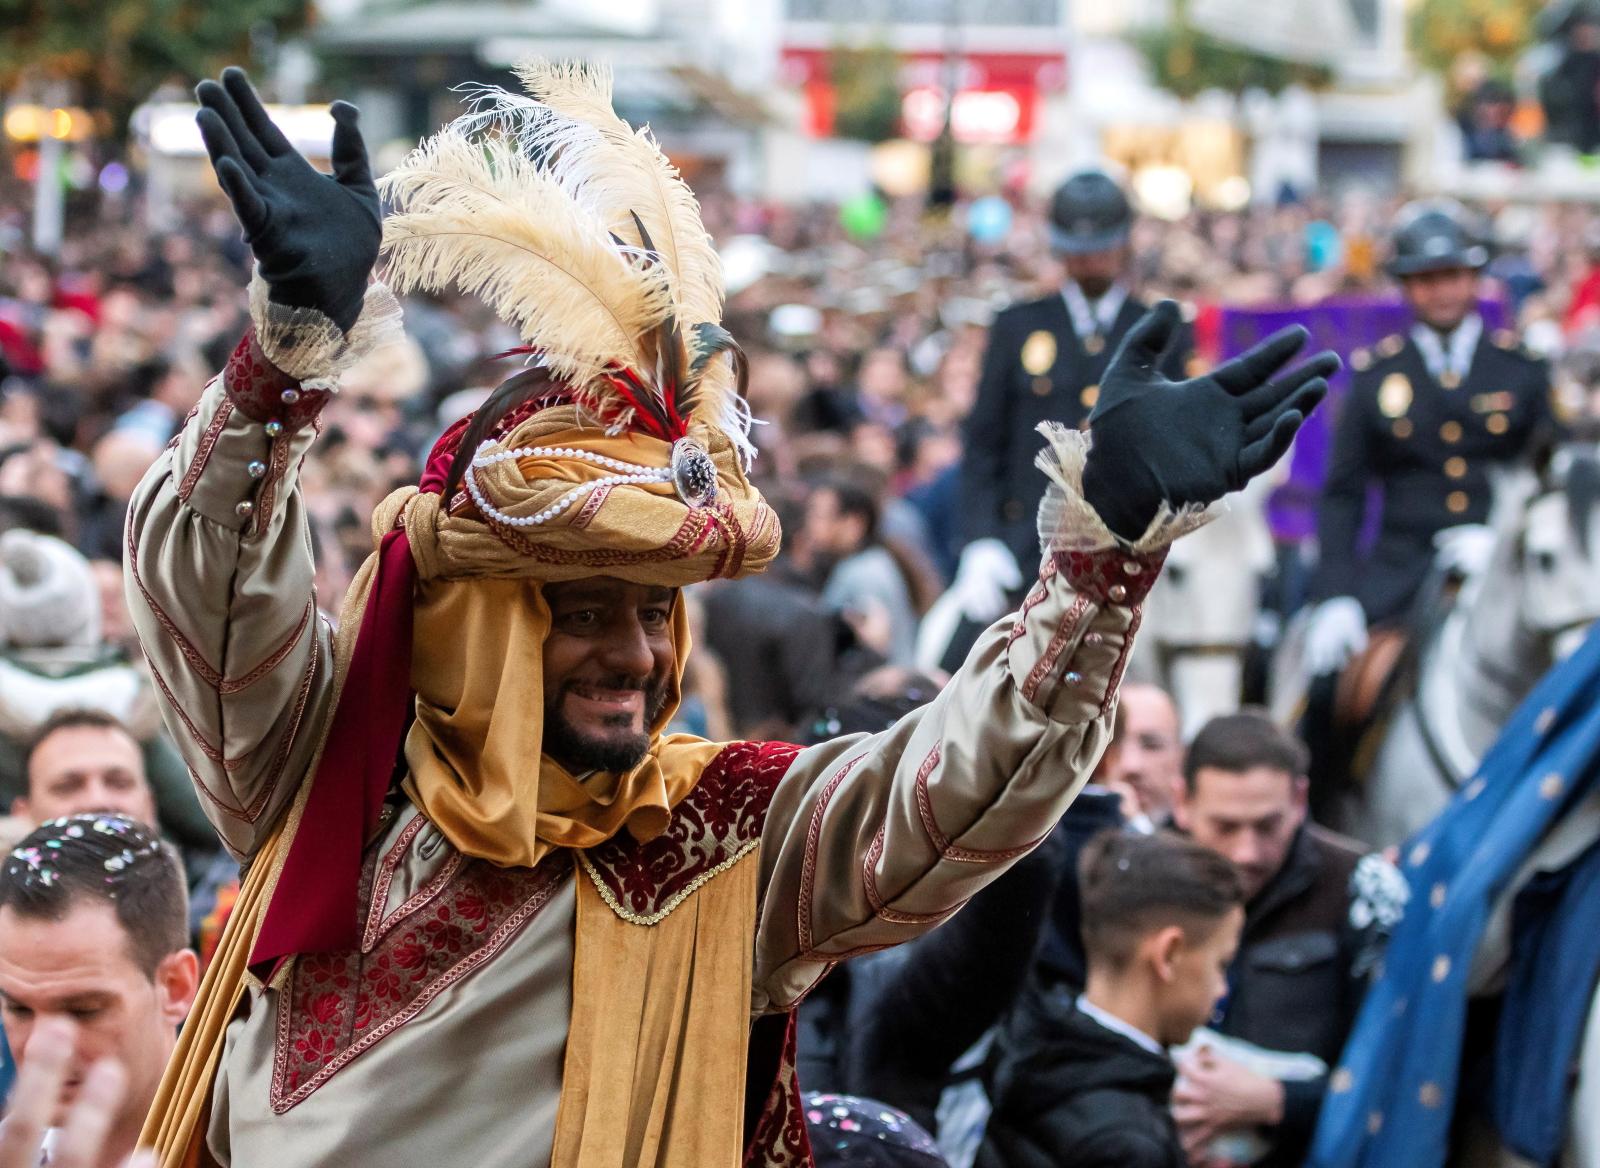 Mężczyźni przebrani za trzech mędrców pozdrawiają uczestników parady w hiszpańskiej Sewilli. Fot. PAP/ EPA/Raul Caro